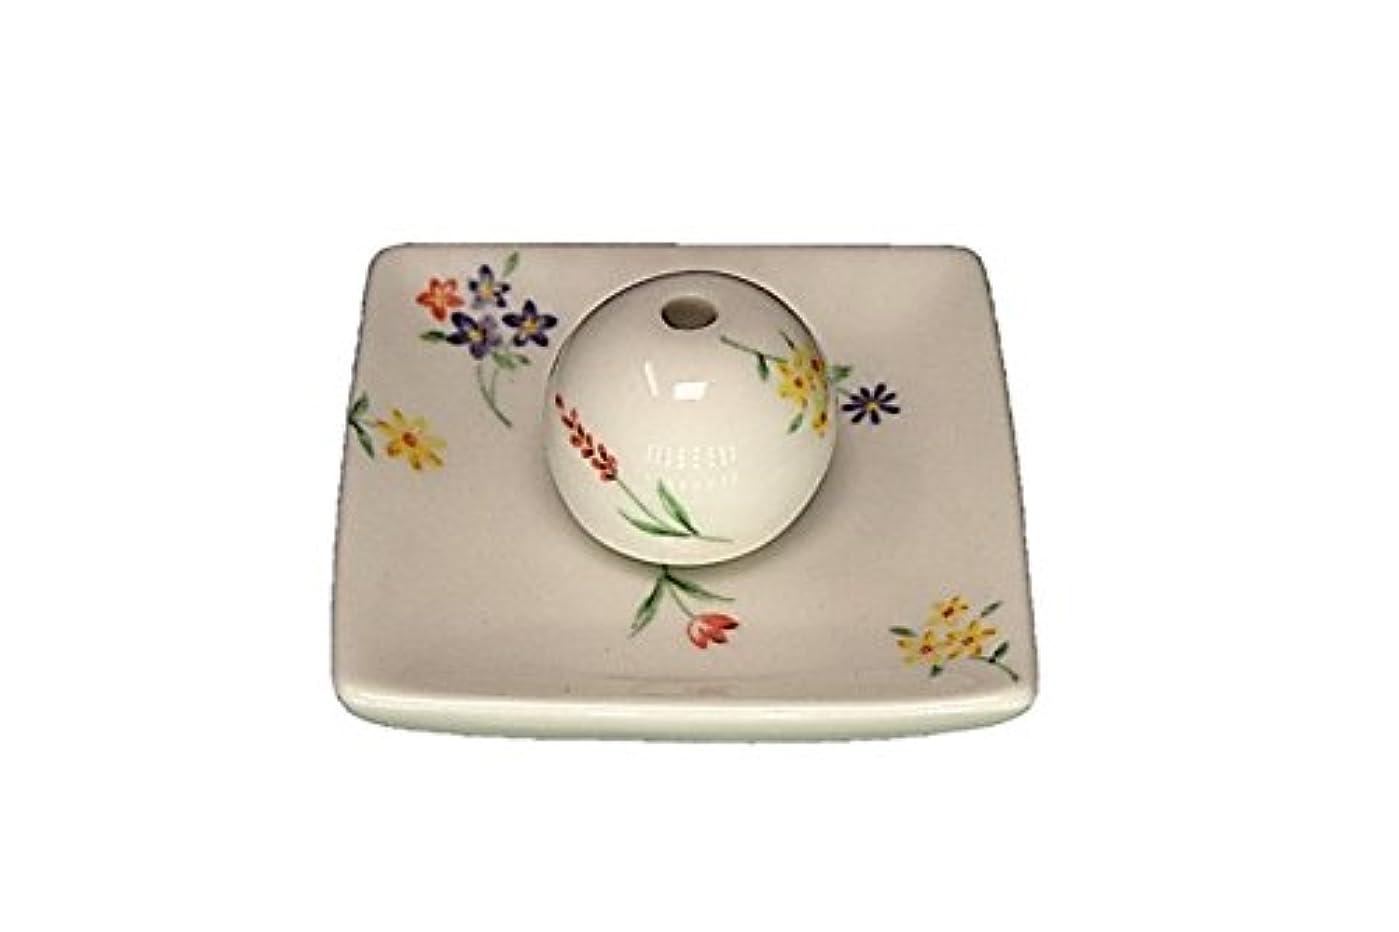 ブーケ 小角皿 お香立て 陶器 製造 直売